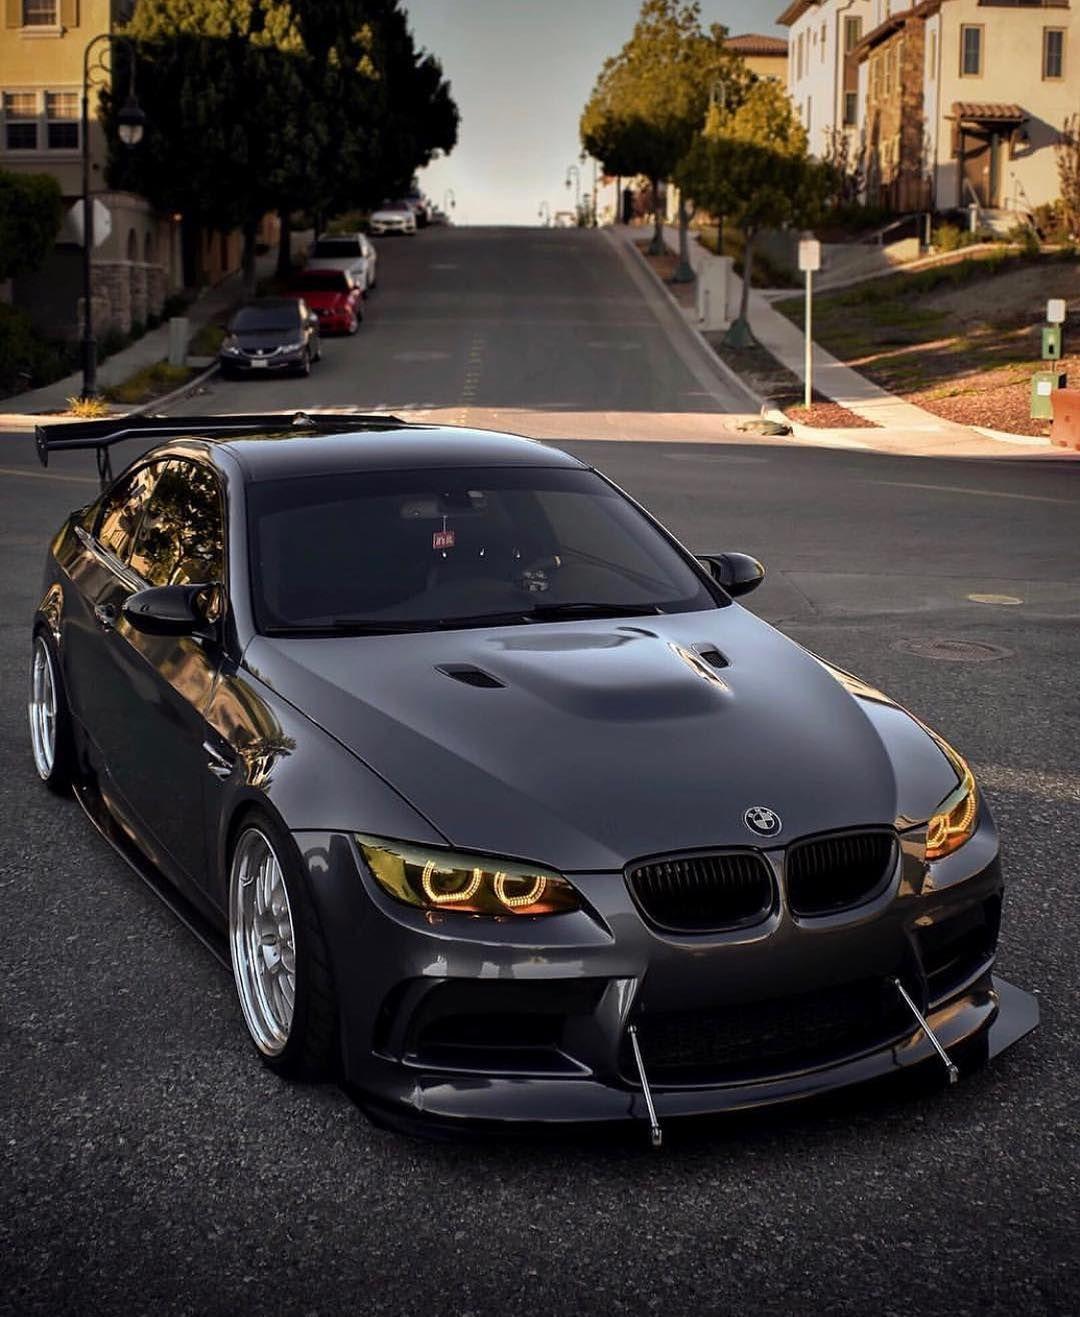 Bmw E92 M3 Grey Bmw Bmw Cars Bmw M3